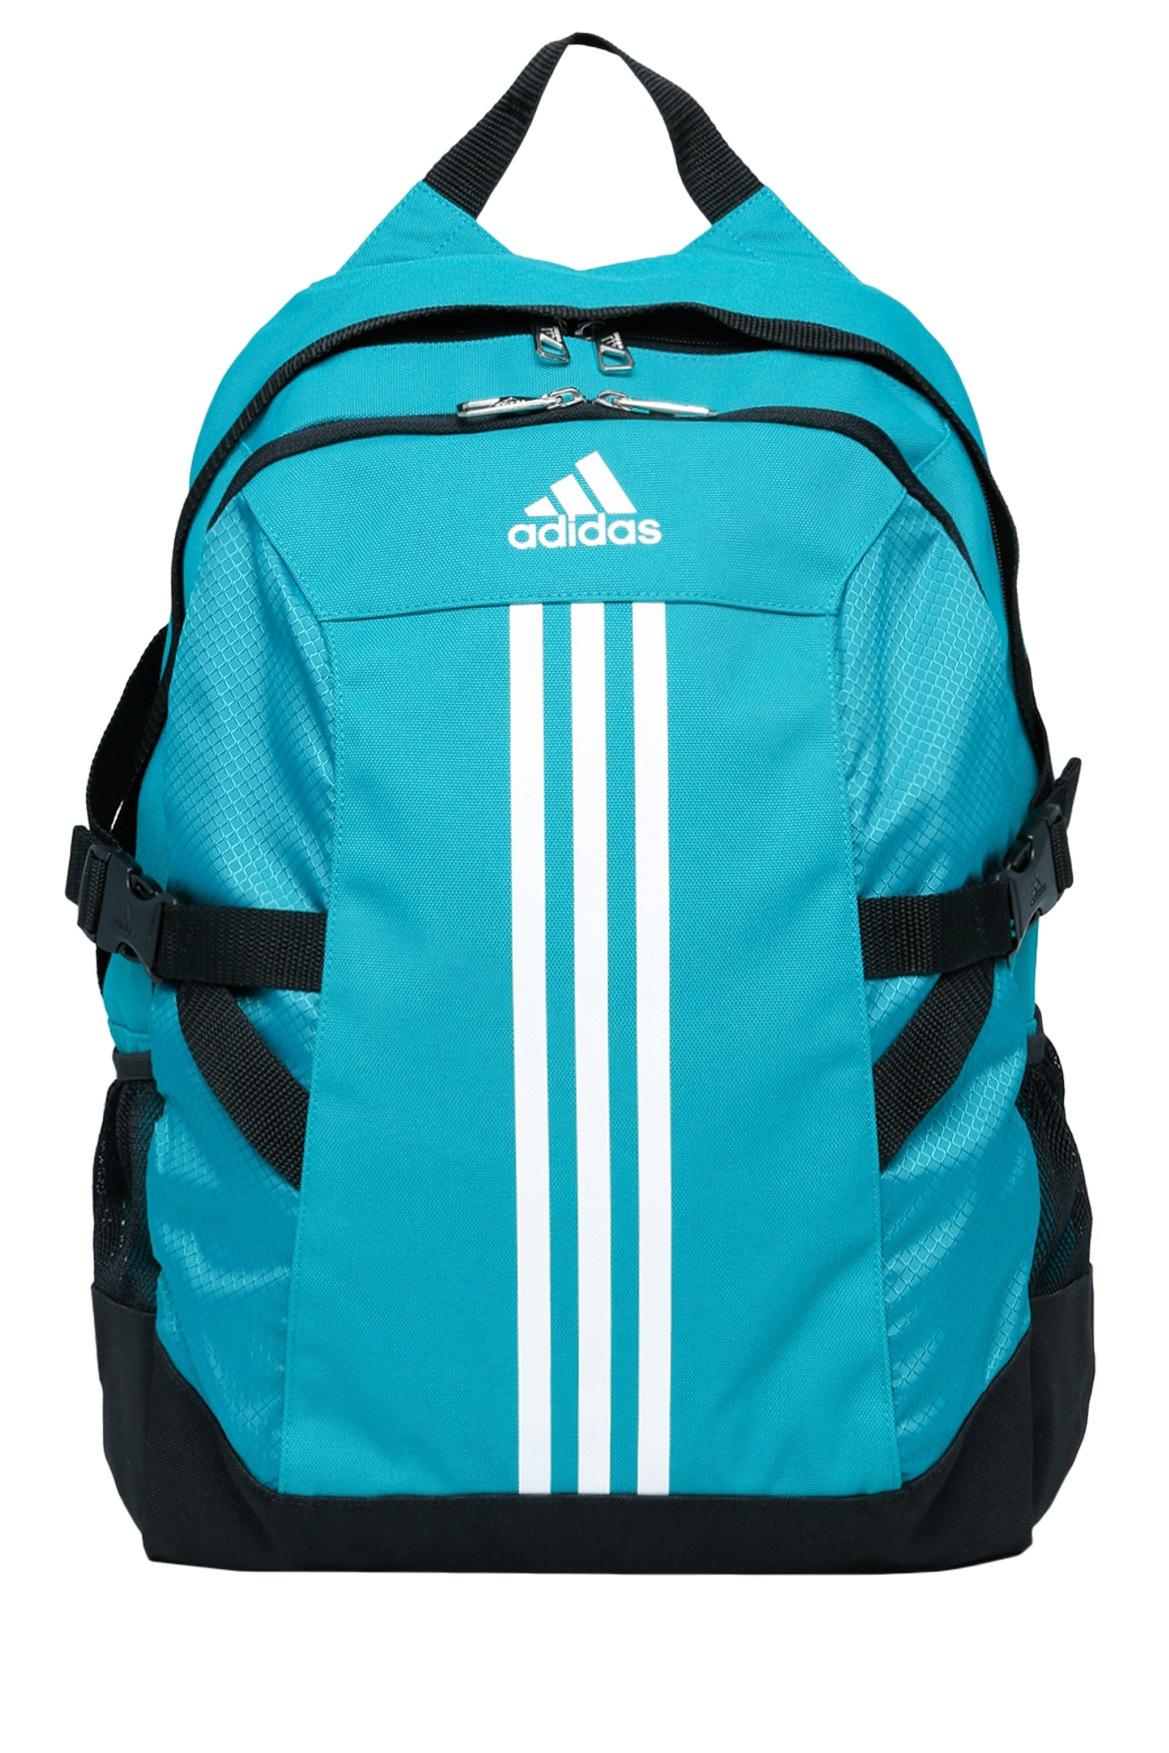 Power 2 рюкзак рюкзак дачный-1 оксфорд камуфляж